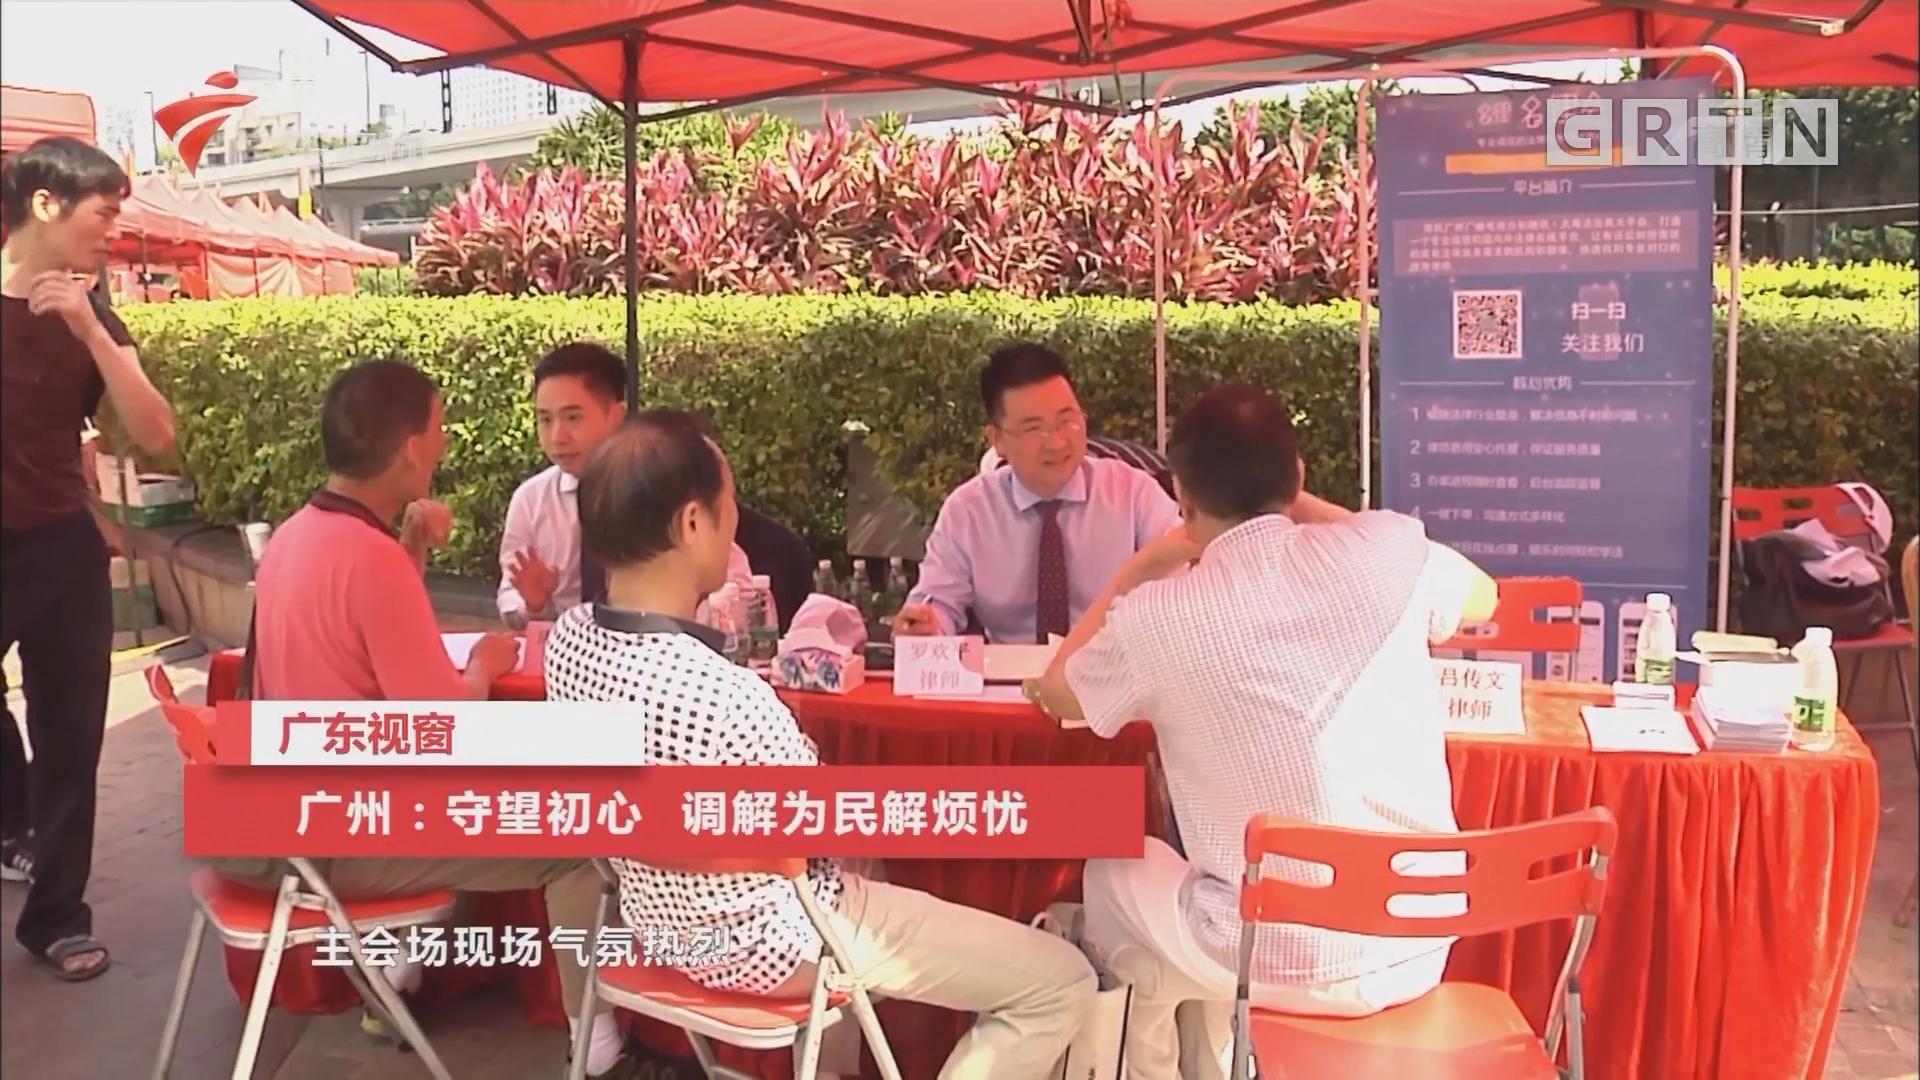 广州:守望初心 调解为民解烦忧